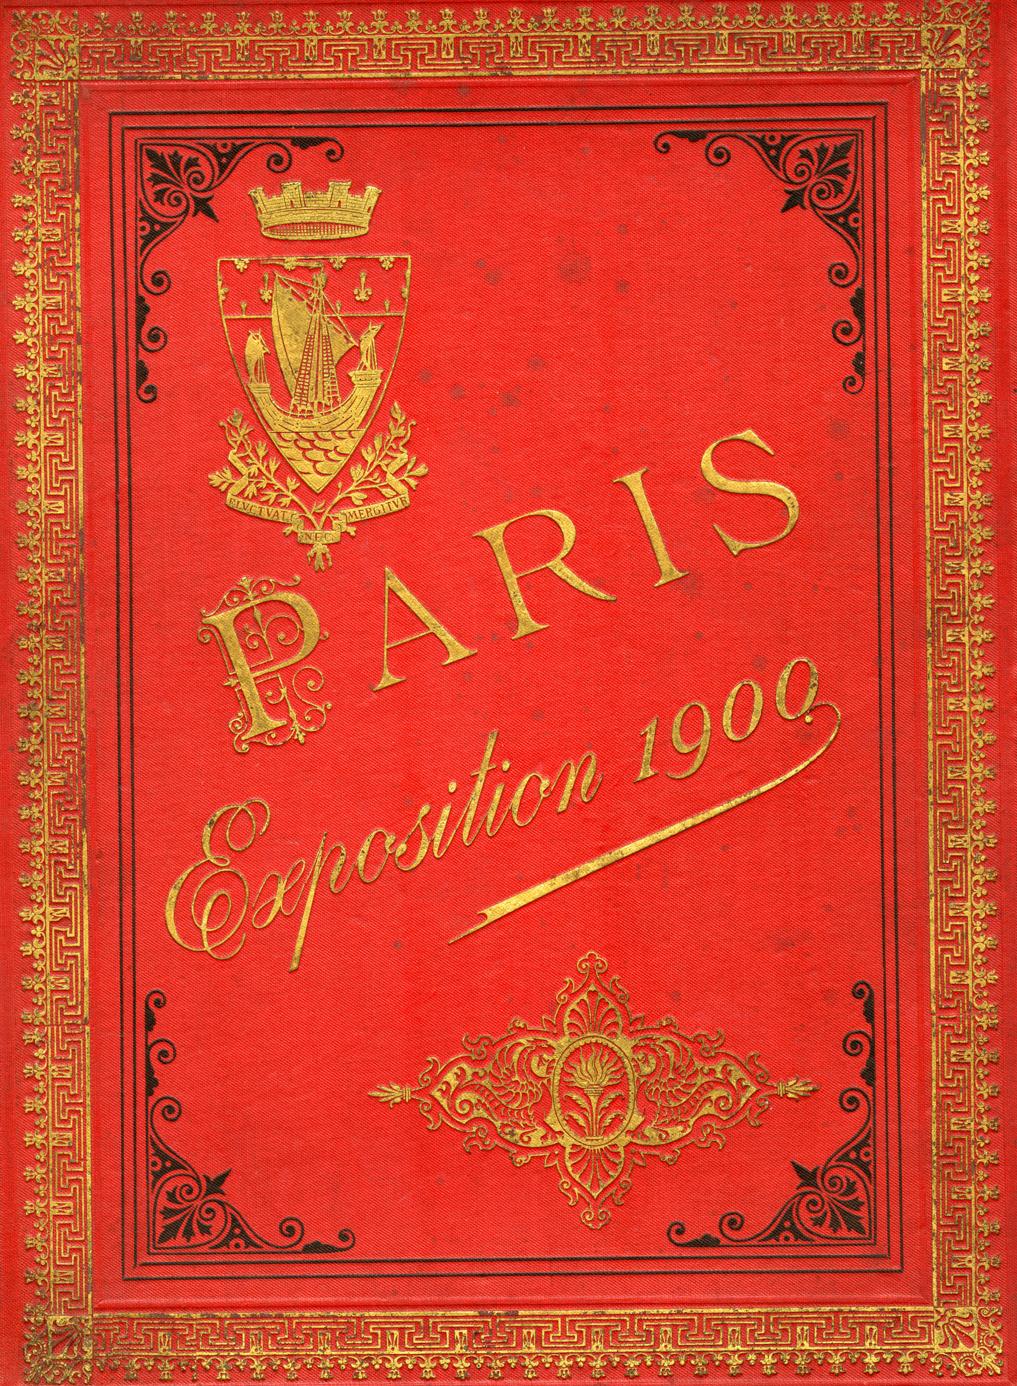 Всемирная выставка в Париже 1900 года в стереопарах и фотографиях смотреть фото